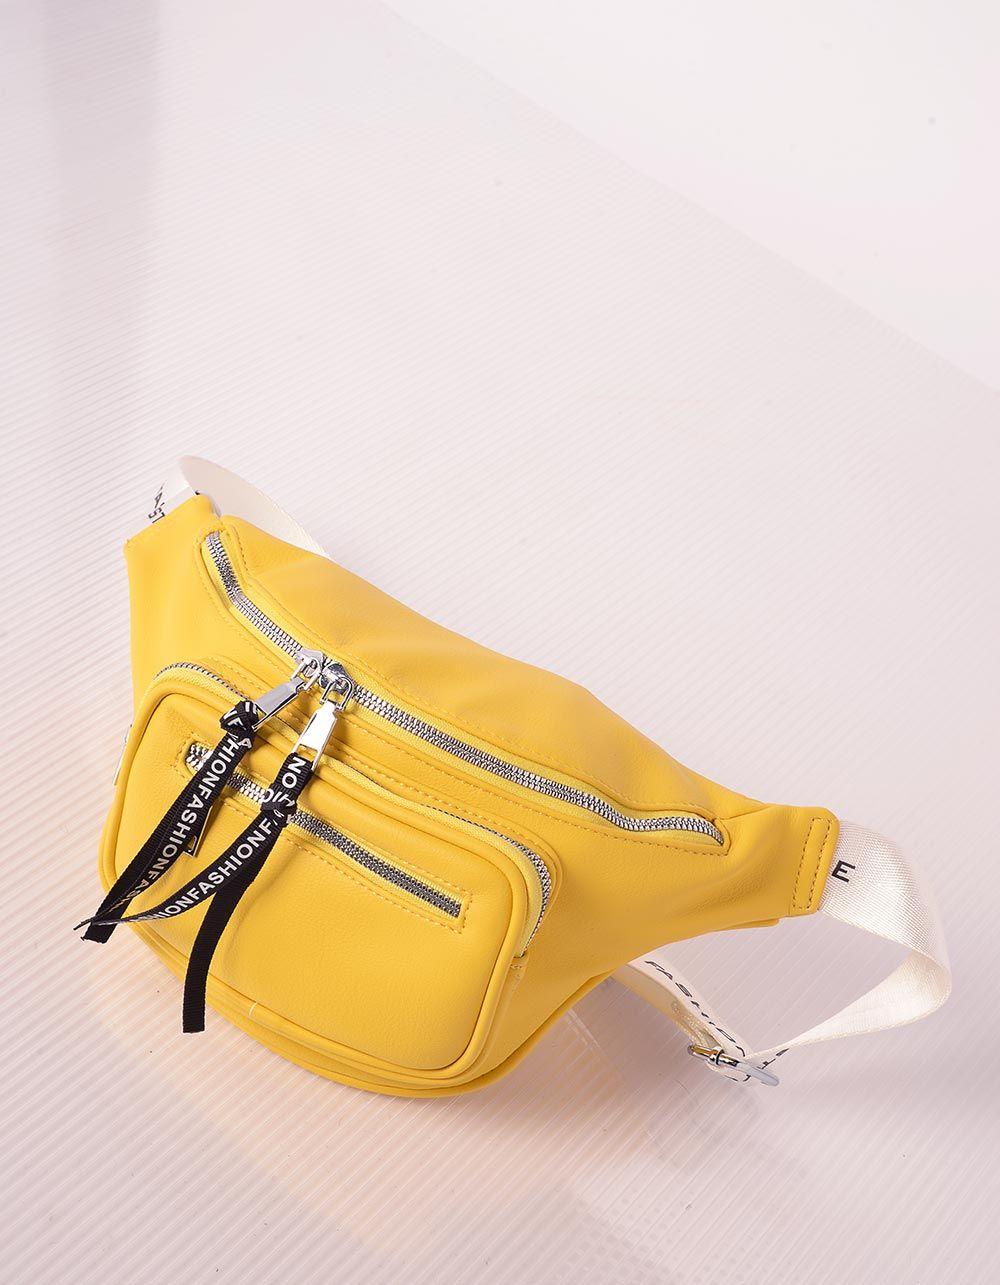 Сумка бананка з кишенею та написом на стрічках | 238964-19-XX